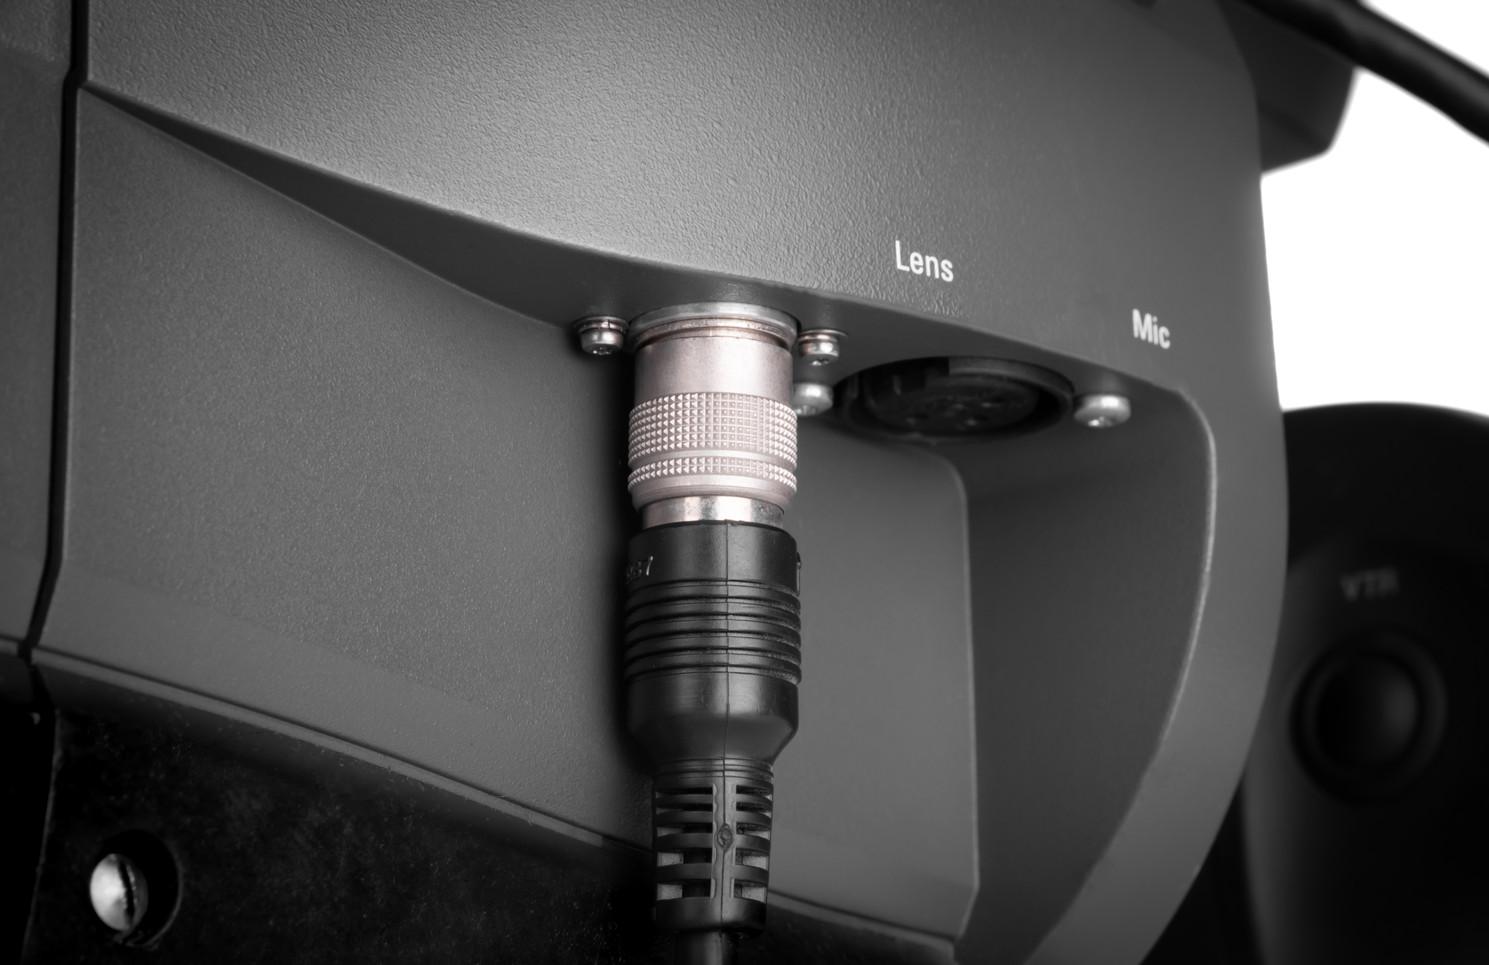 Philips LDK-120 (LDK-110 IT + DCR20 - 5.